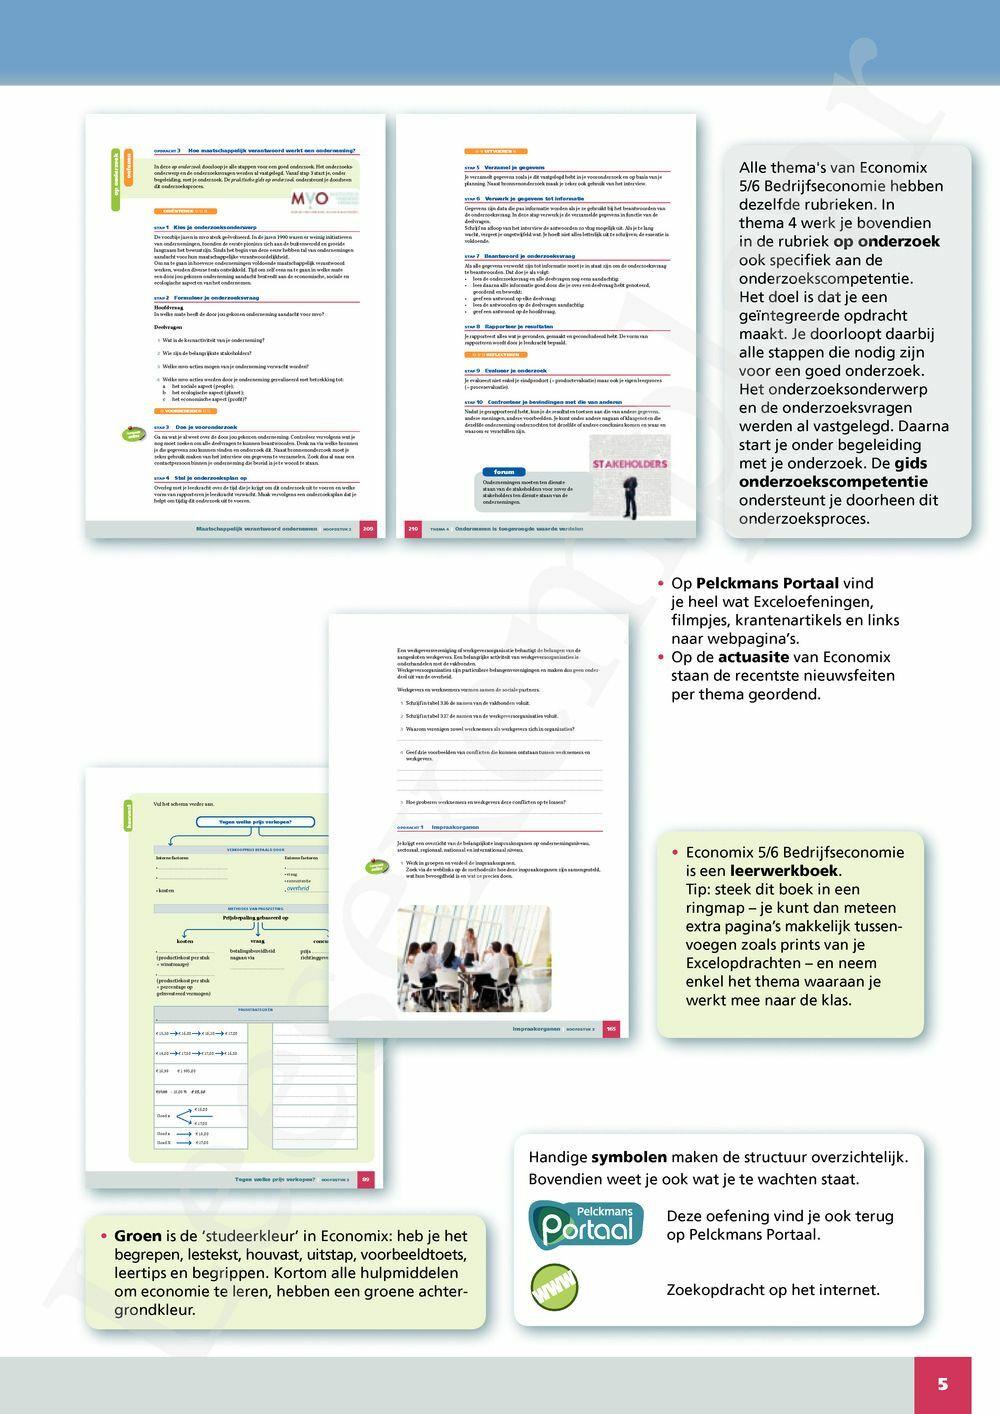 Preview: Economix 5/6 Bedrijfseconomie Leerwerkboek (inclusief Pelckmans Portaal)